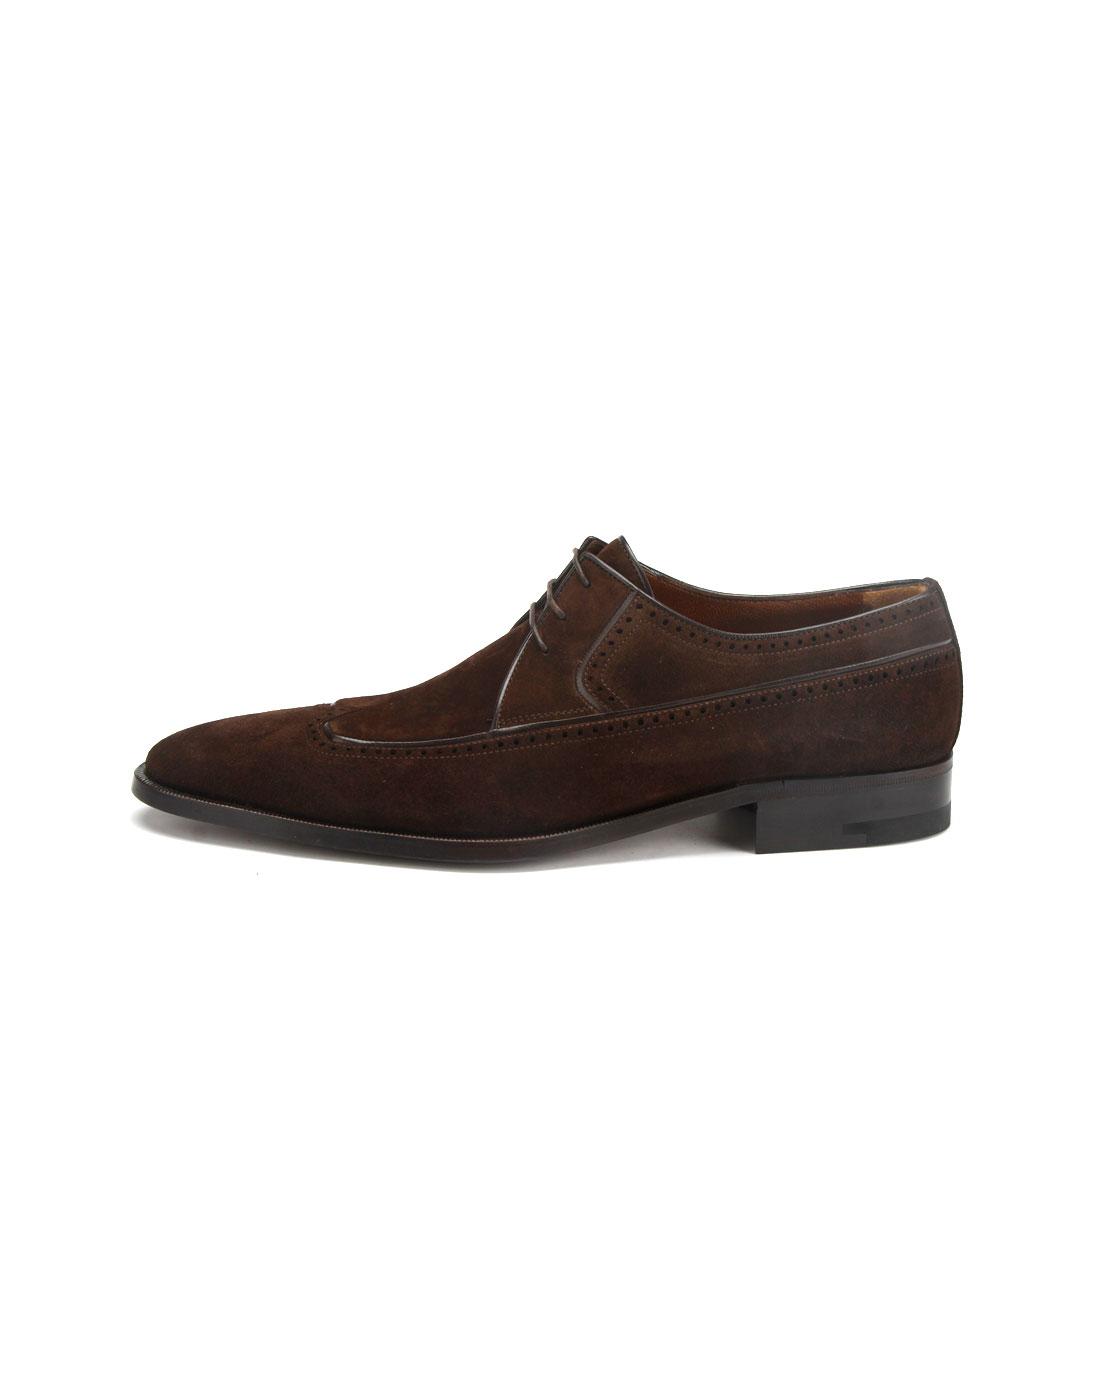 男款褐色绒面皮鞋2_铁狮东尼a.testoni官网特价1